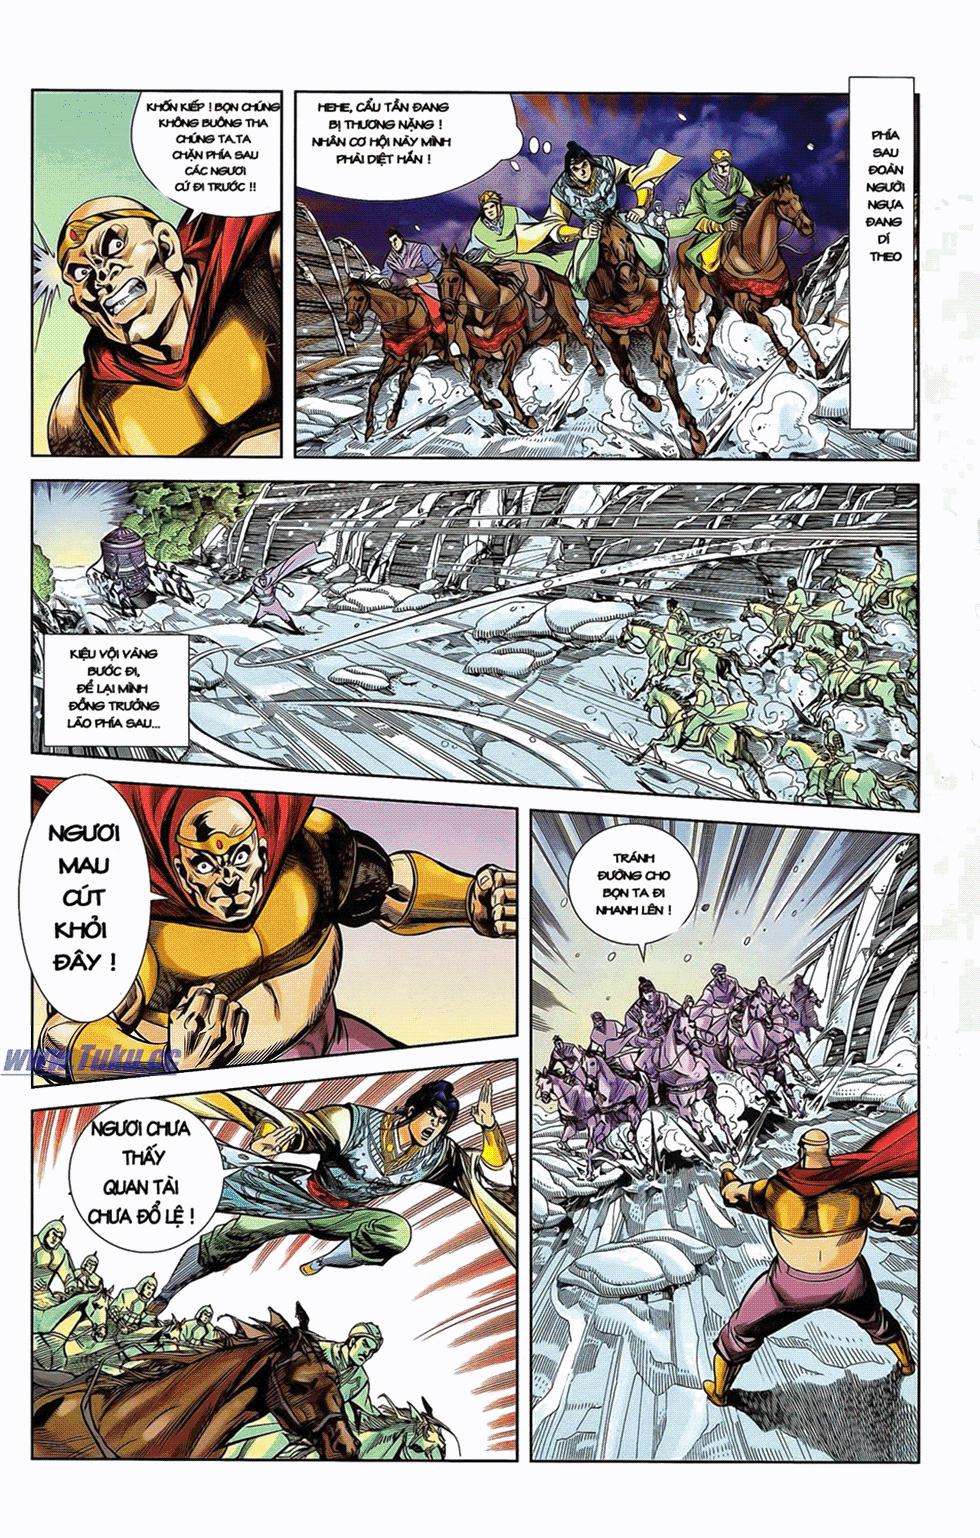 Tần Vương Doanh Chính chapter 11 trang 24